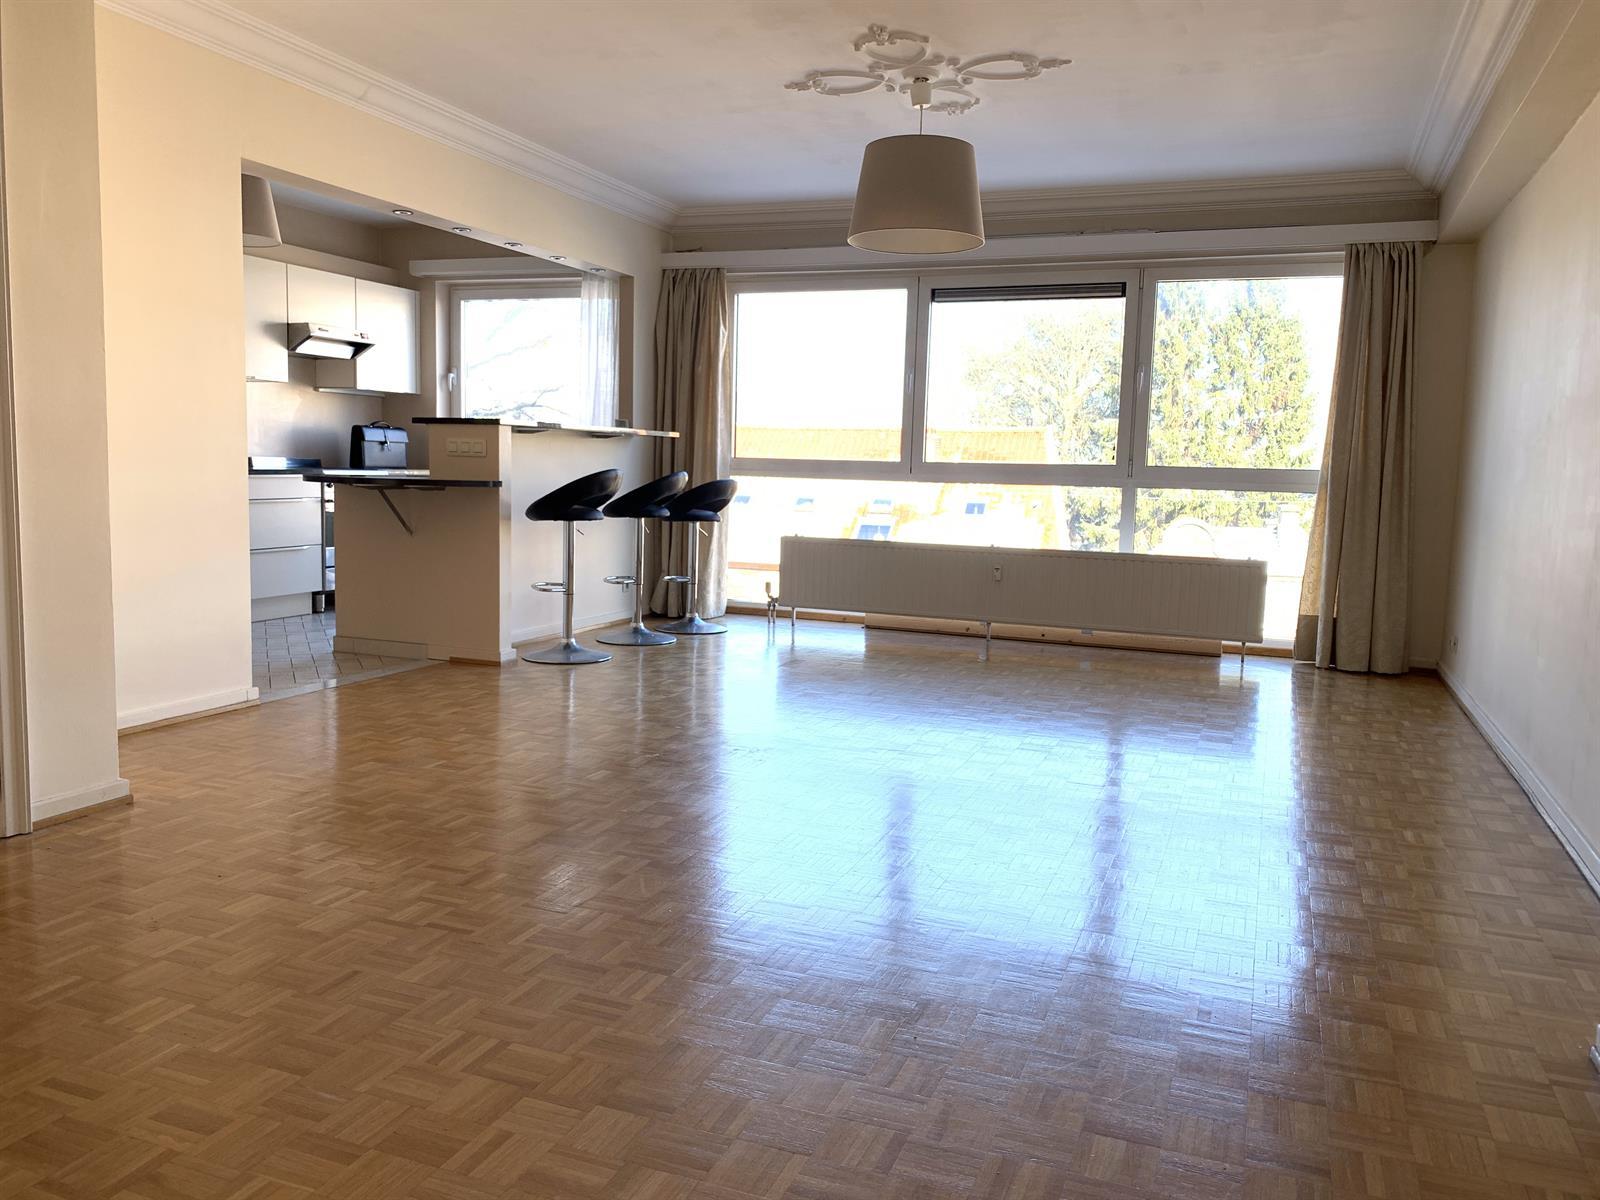 Appartement - Woluwe-Saint-Pierre - #4283207-1